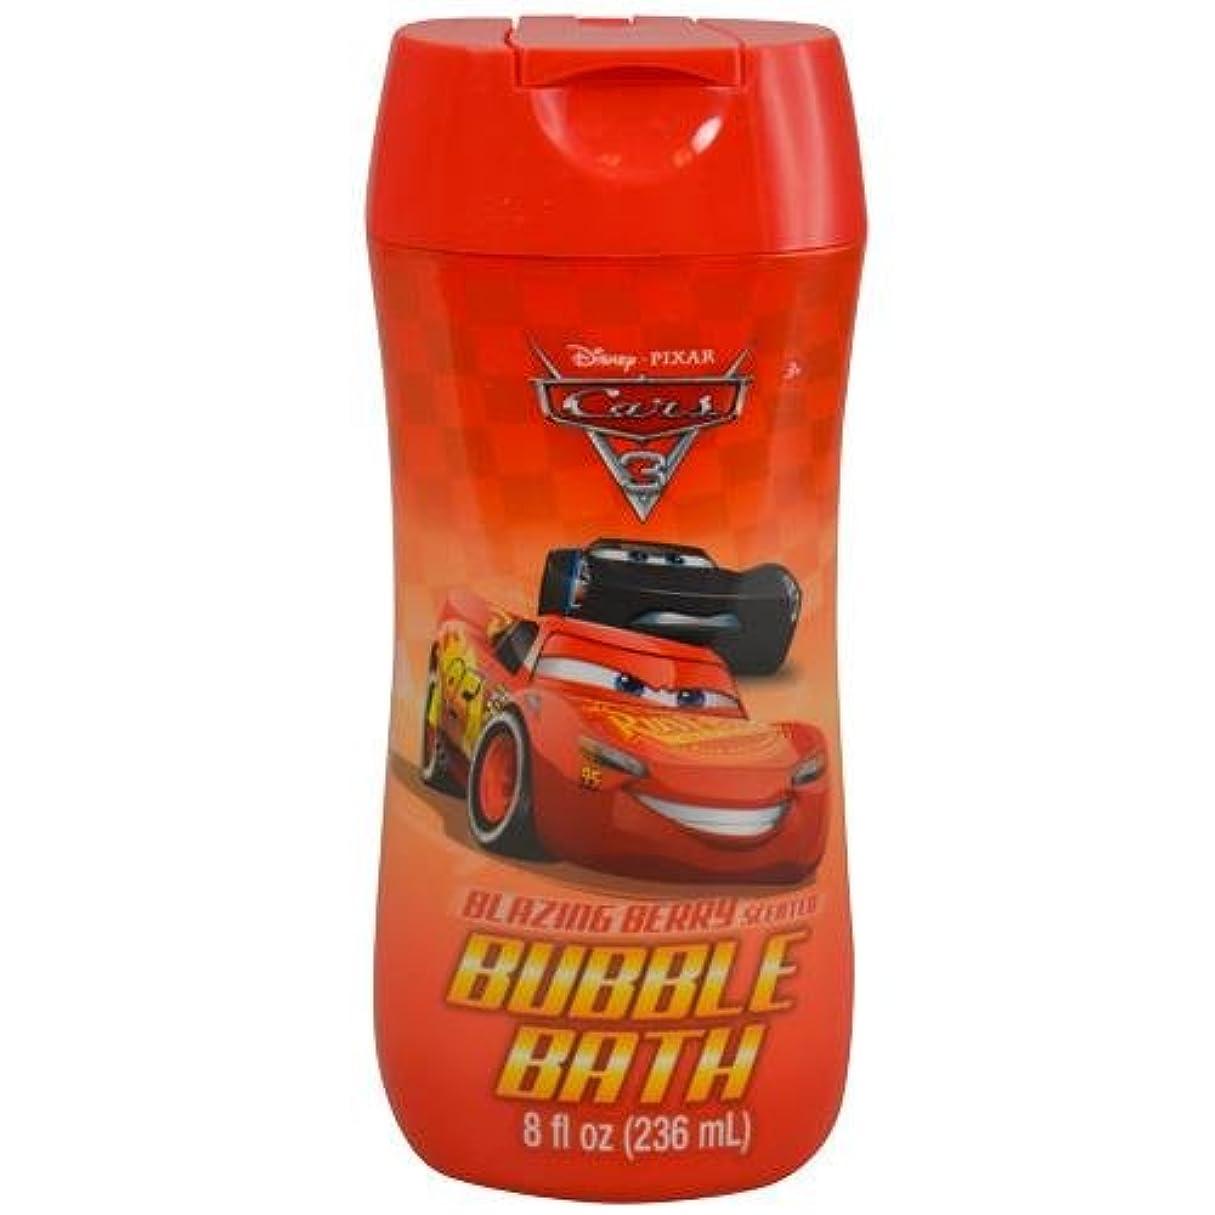 ブラザー発行するしなければならないカーズ バブルバス 12259 Disney 入浴剤 Cars お風呂 子供用 キッズ 泡 バブル 泡風呂 インポート 輸入品【即日?翌日発送】